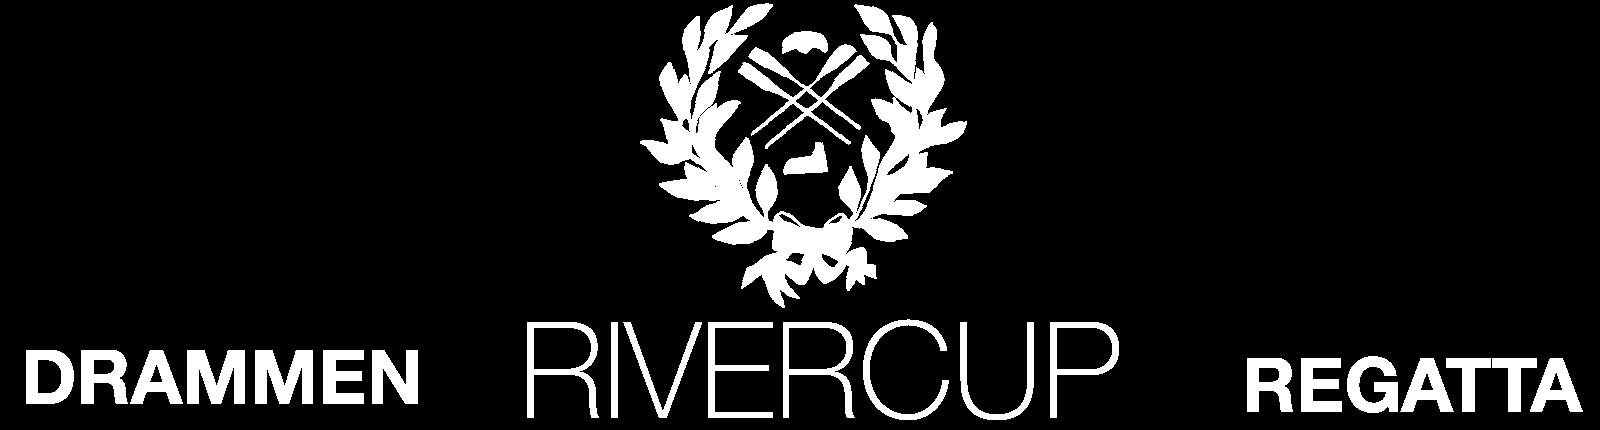 Drammen River Cup Regatta